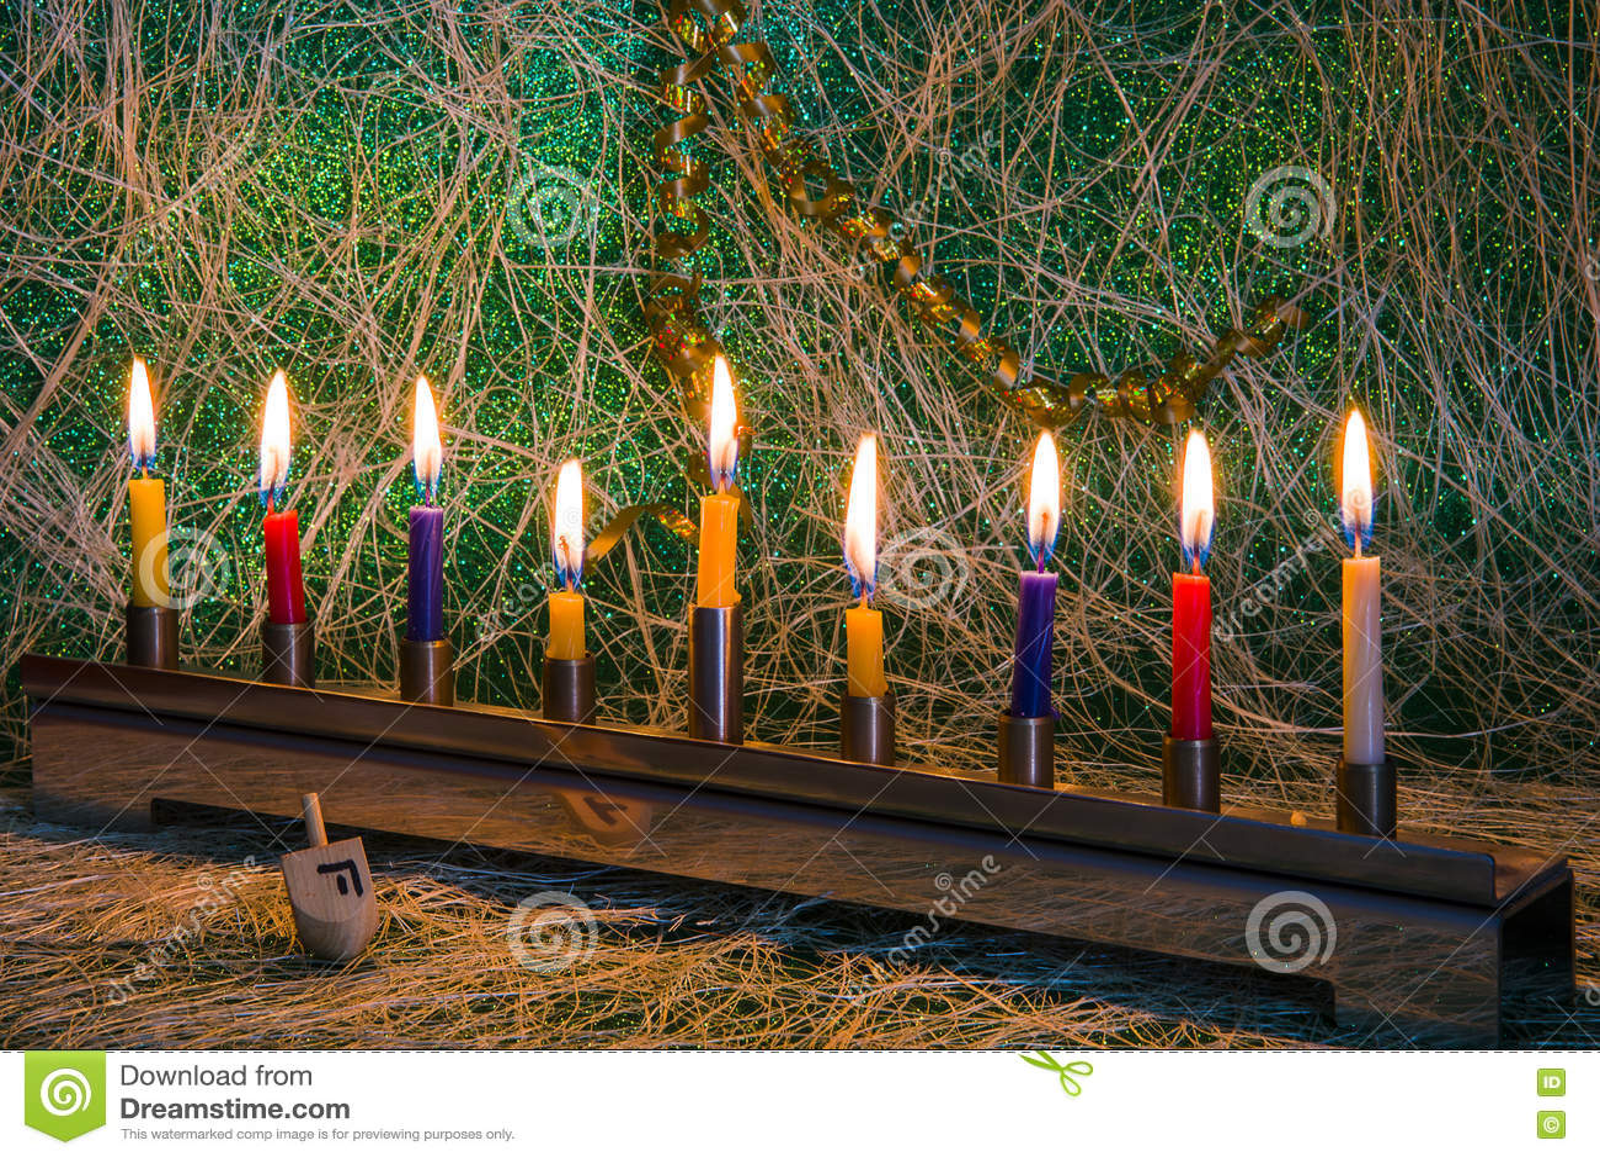 Chanukka, das jüdische Festival von Lichtern